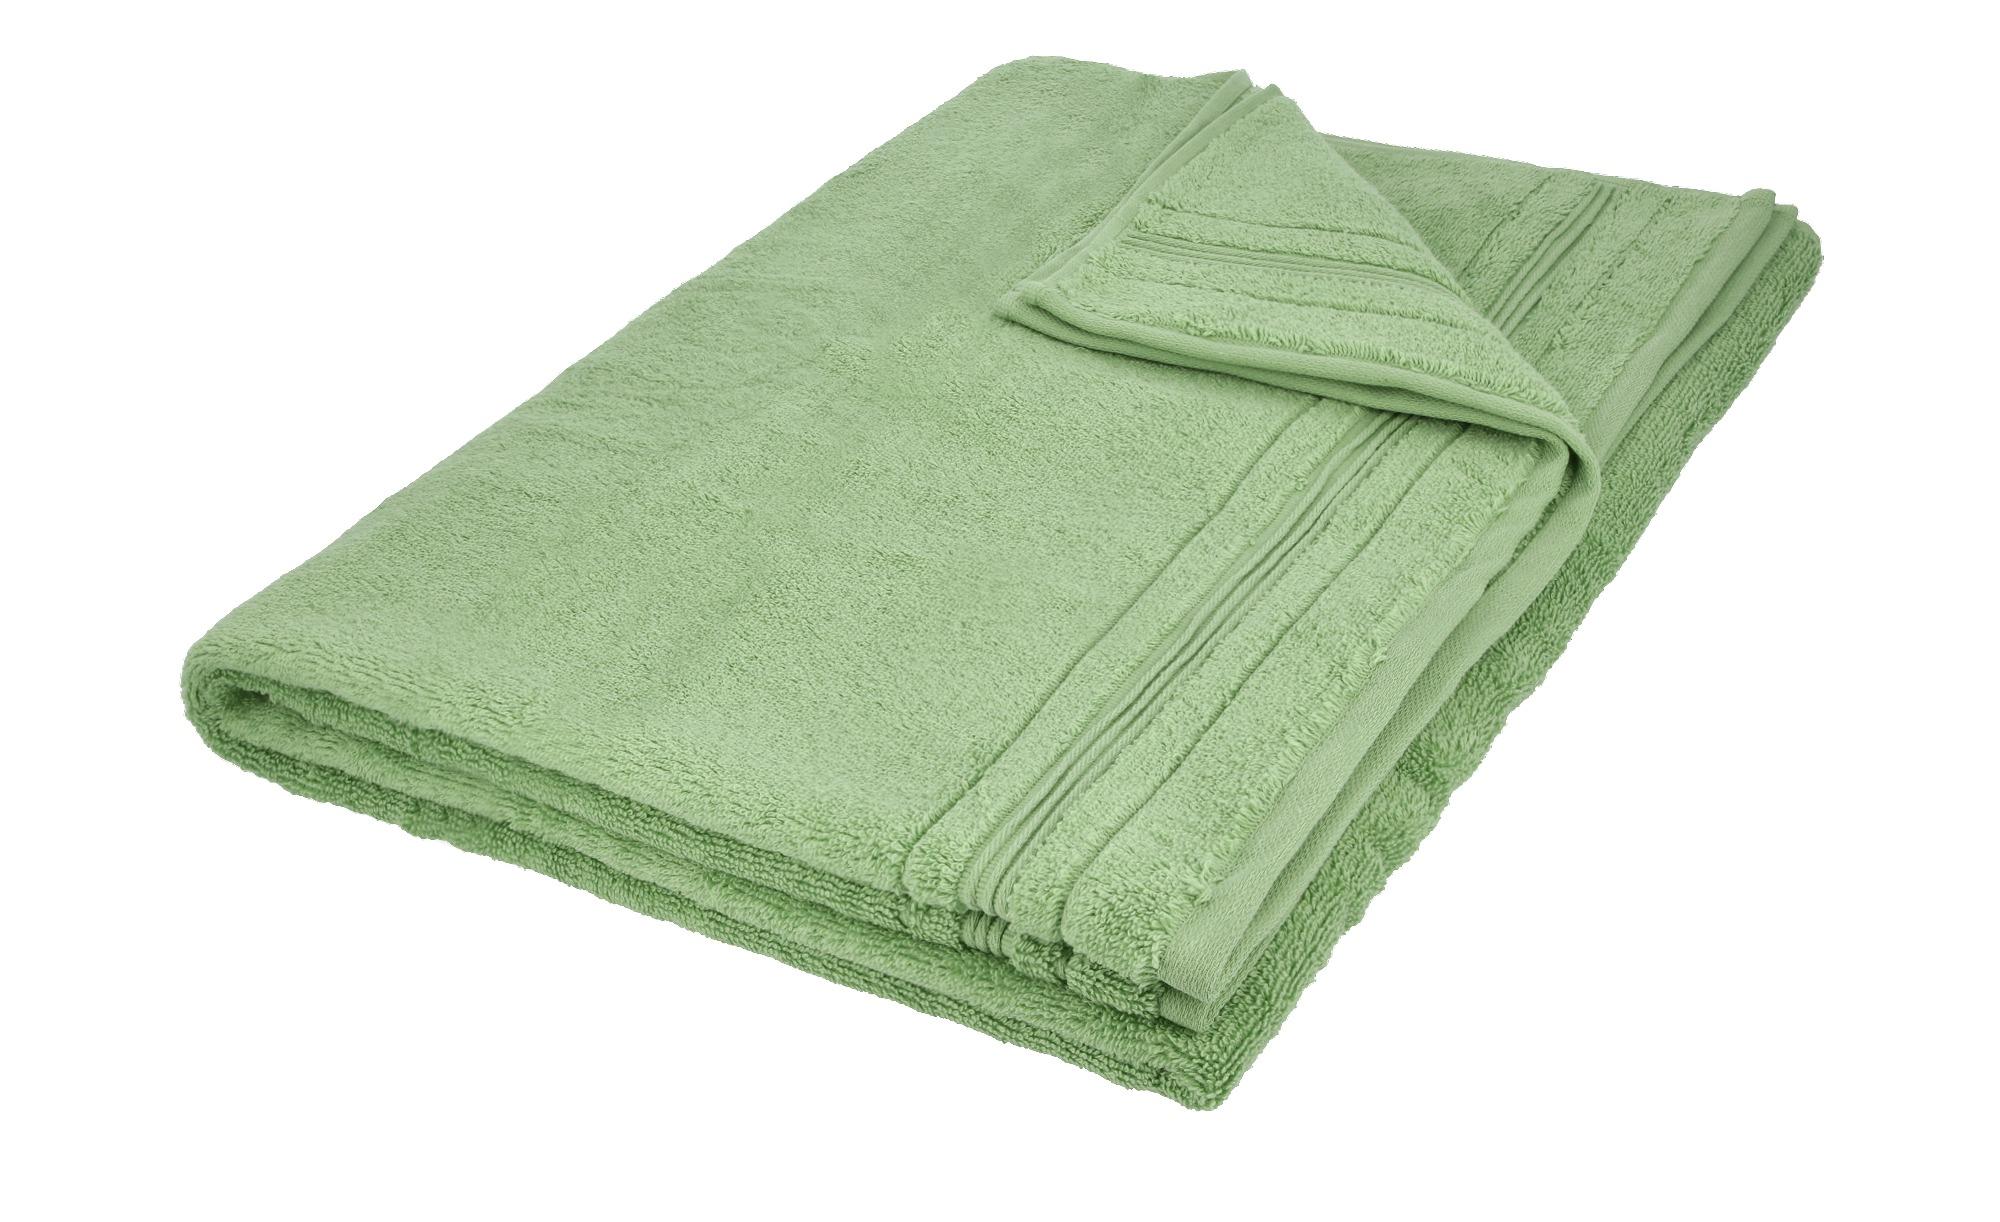 VOSSEN Badetuch  Soft Dreams ¦ grün ¦ 100% Baumwolle ¦ Maße (cm): B: 100 Badtextilien und Zubehör > Badetücher > Badetücher 100x150 cm - Höffner